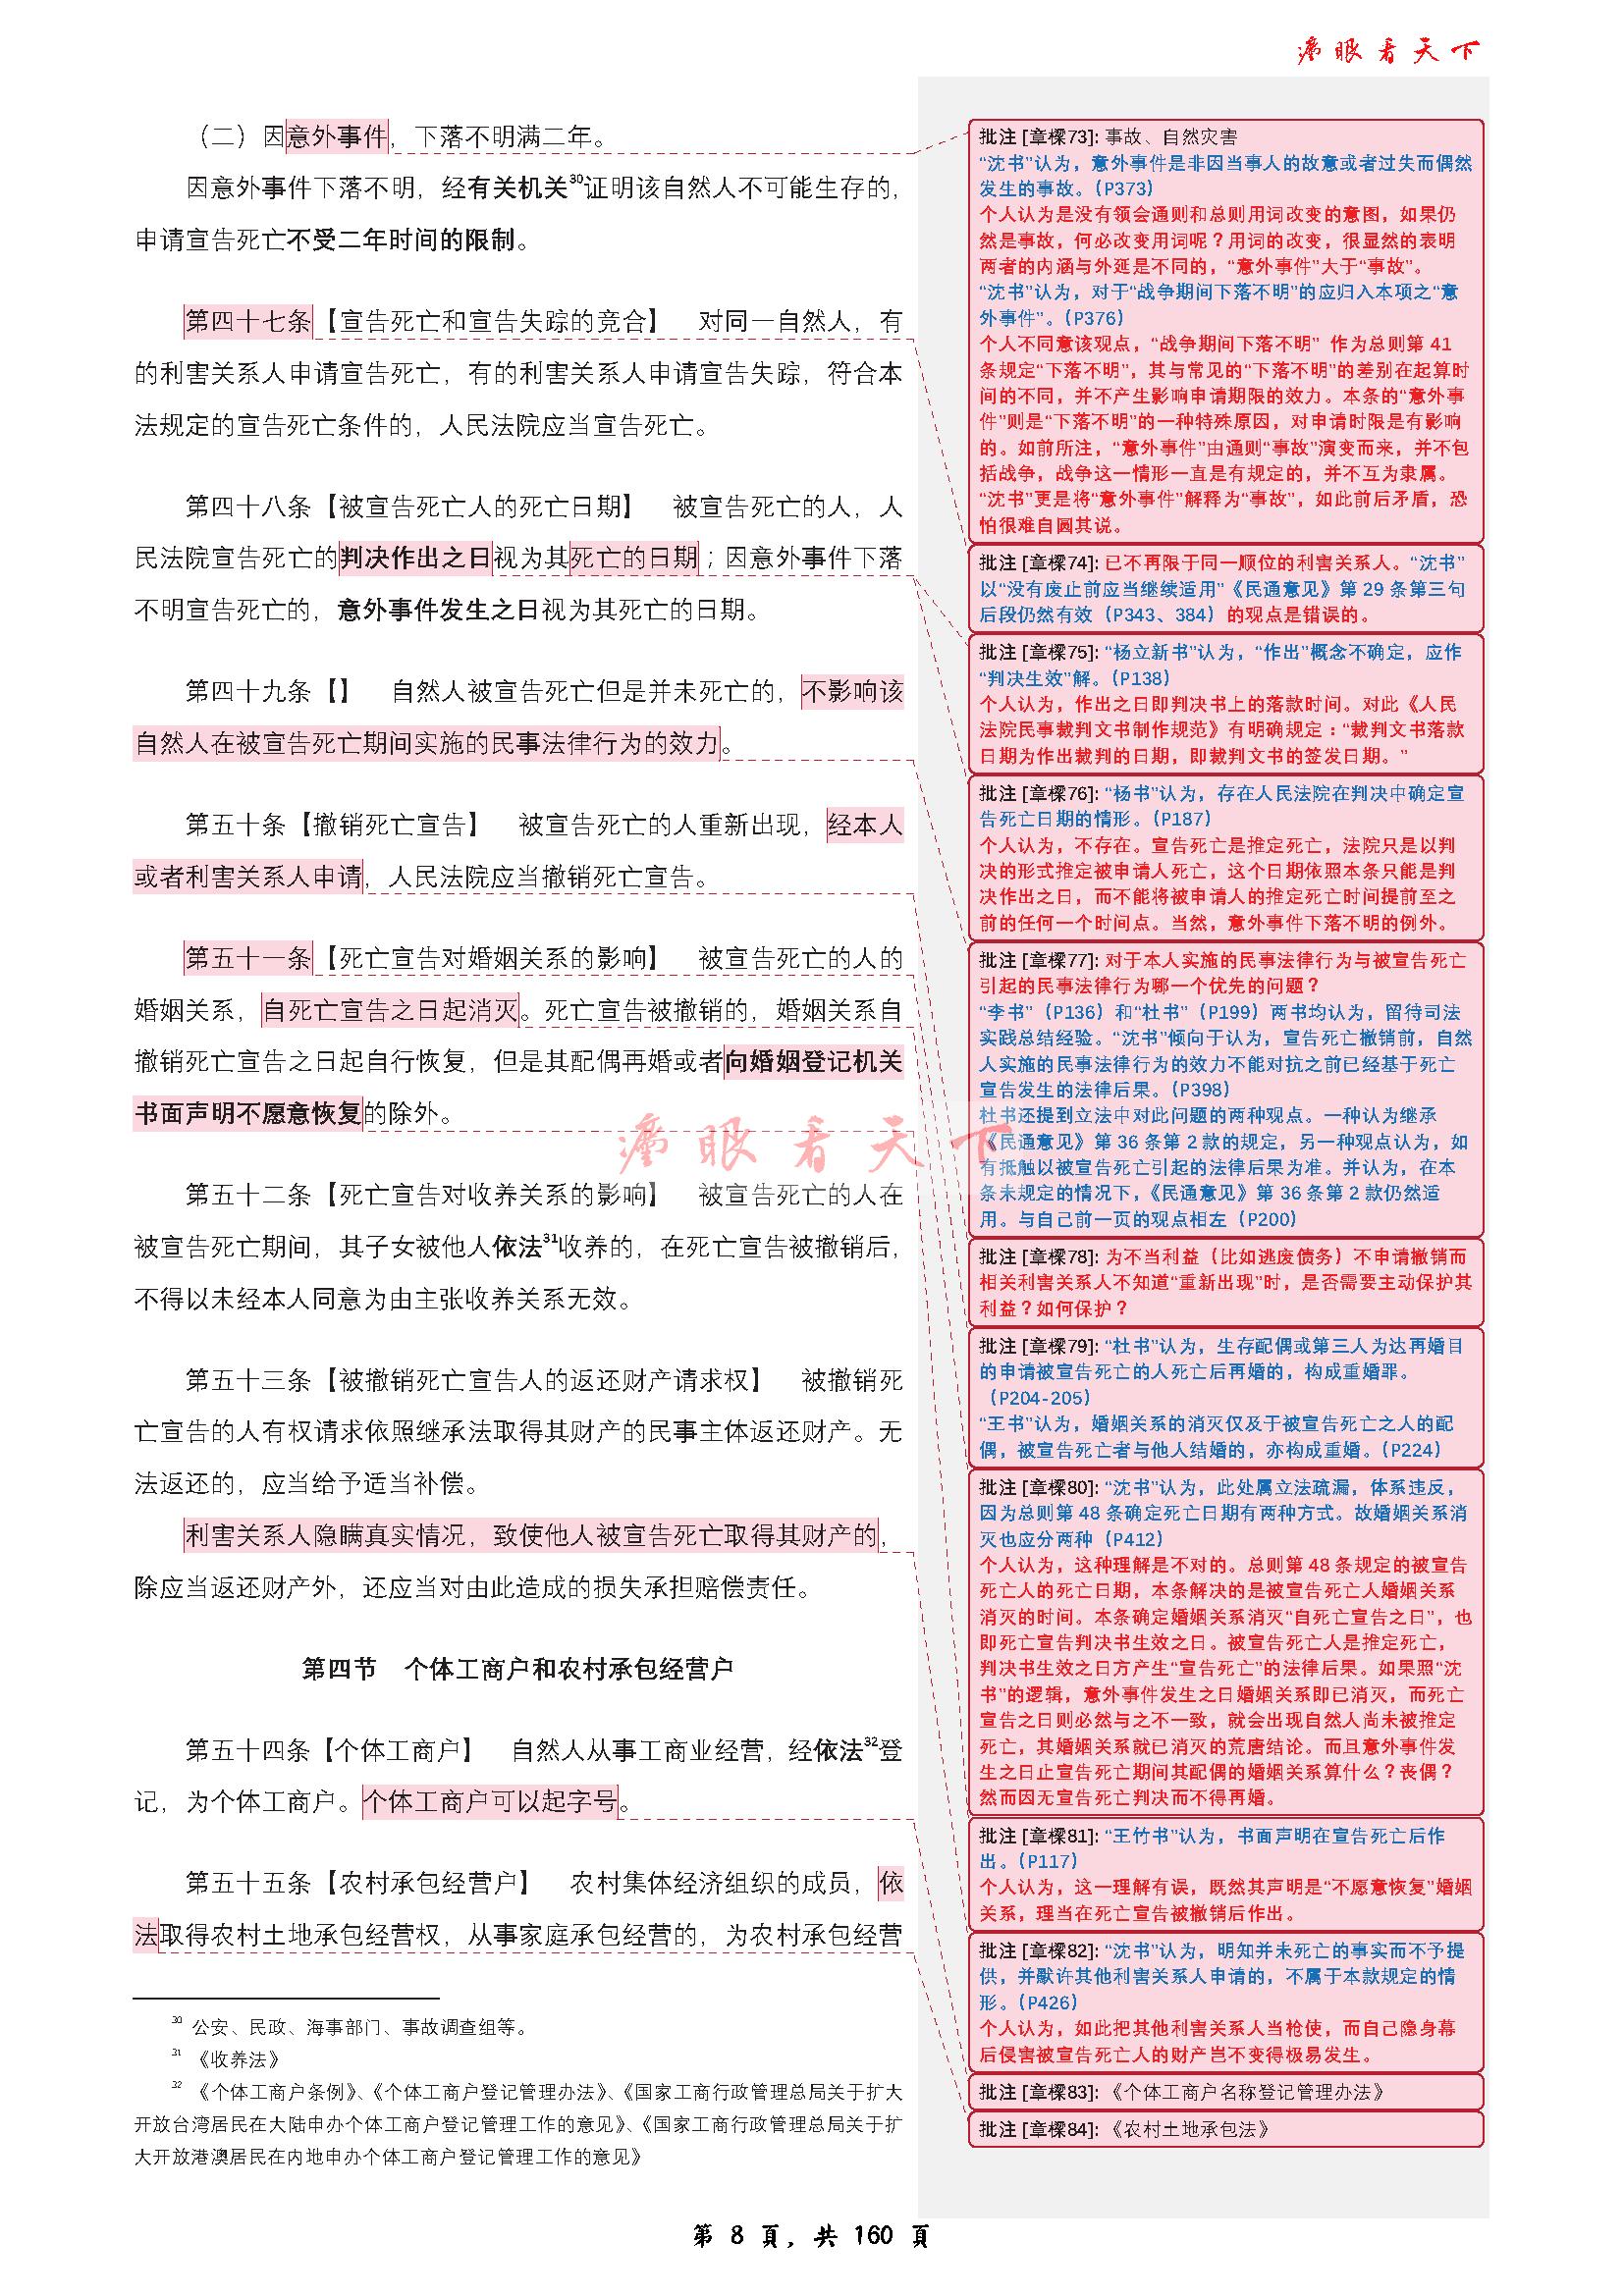 民法总则批注_页面_08.png